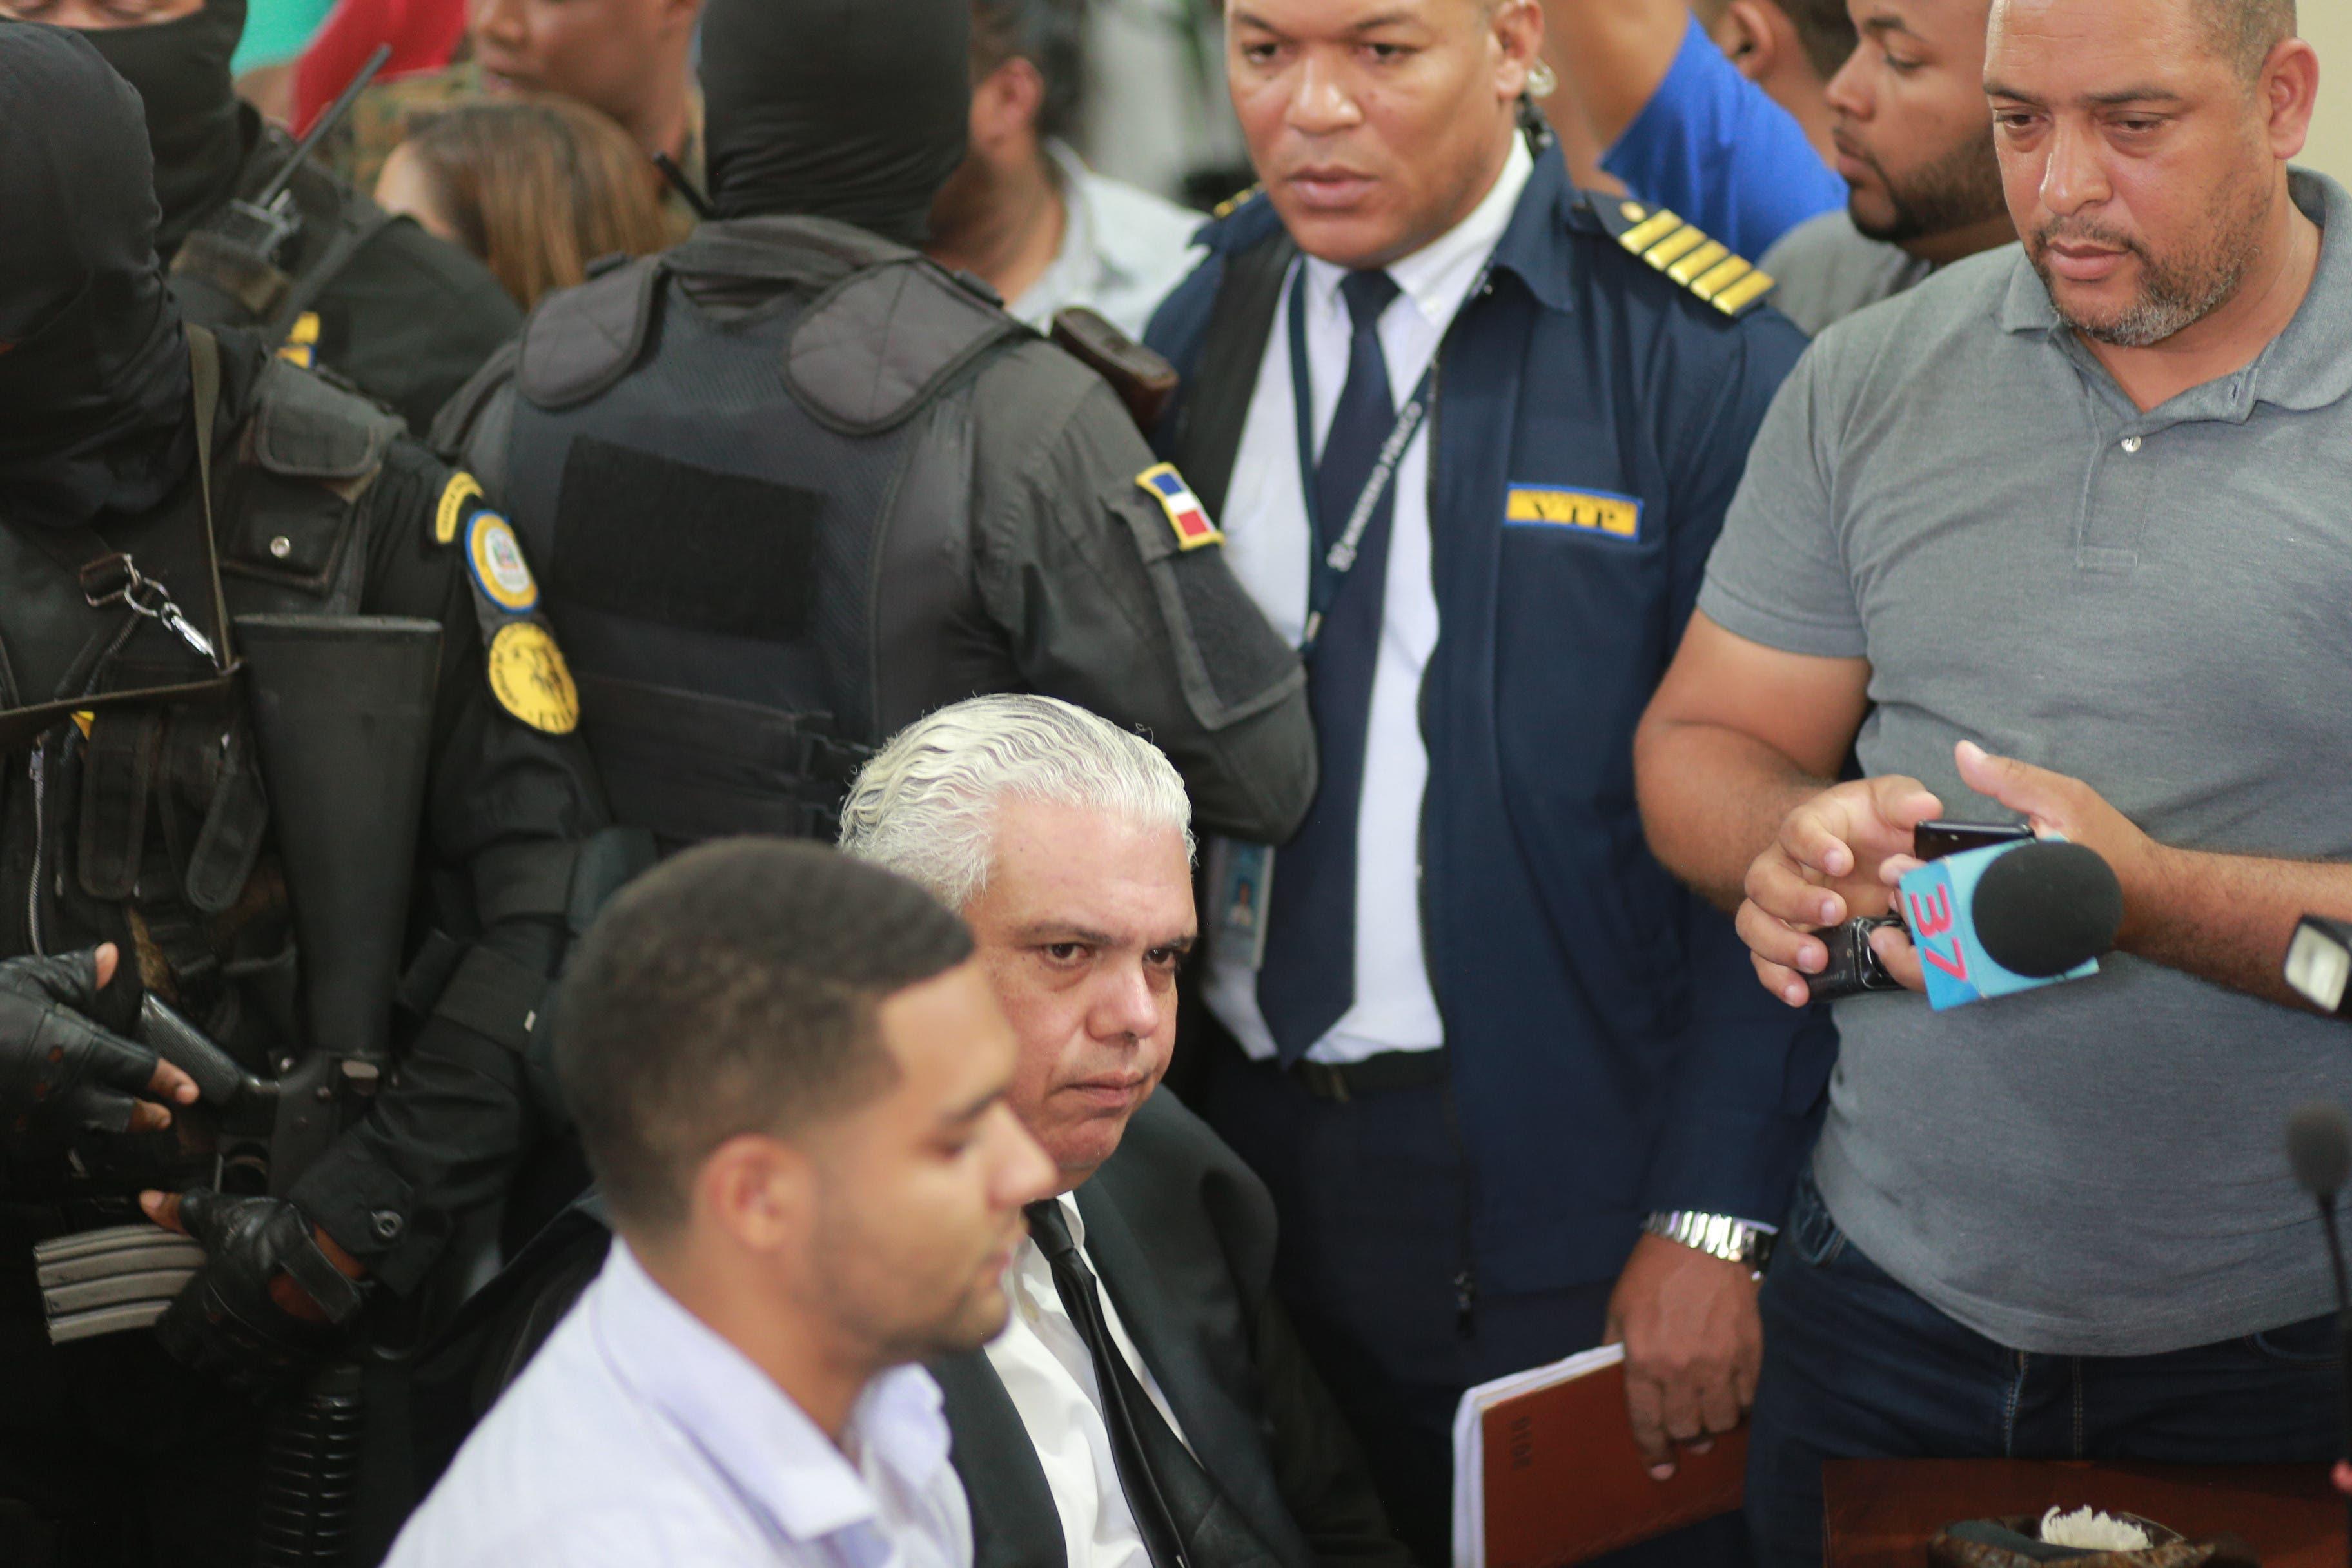 5. Marlon junto a su abogado antes de inicio de audiencia